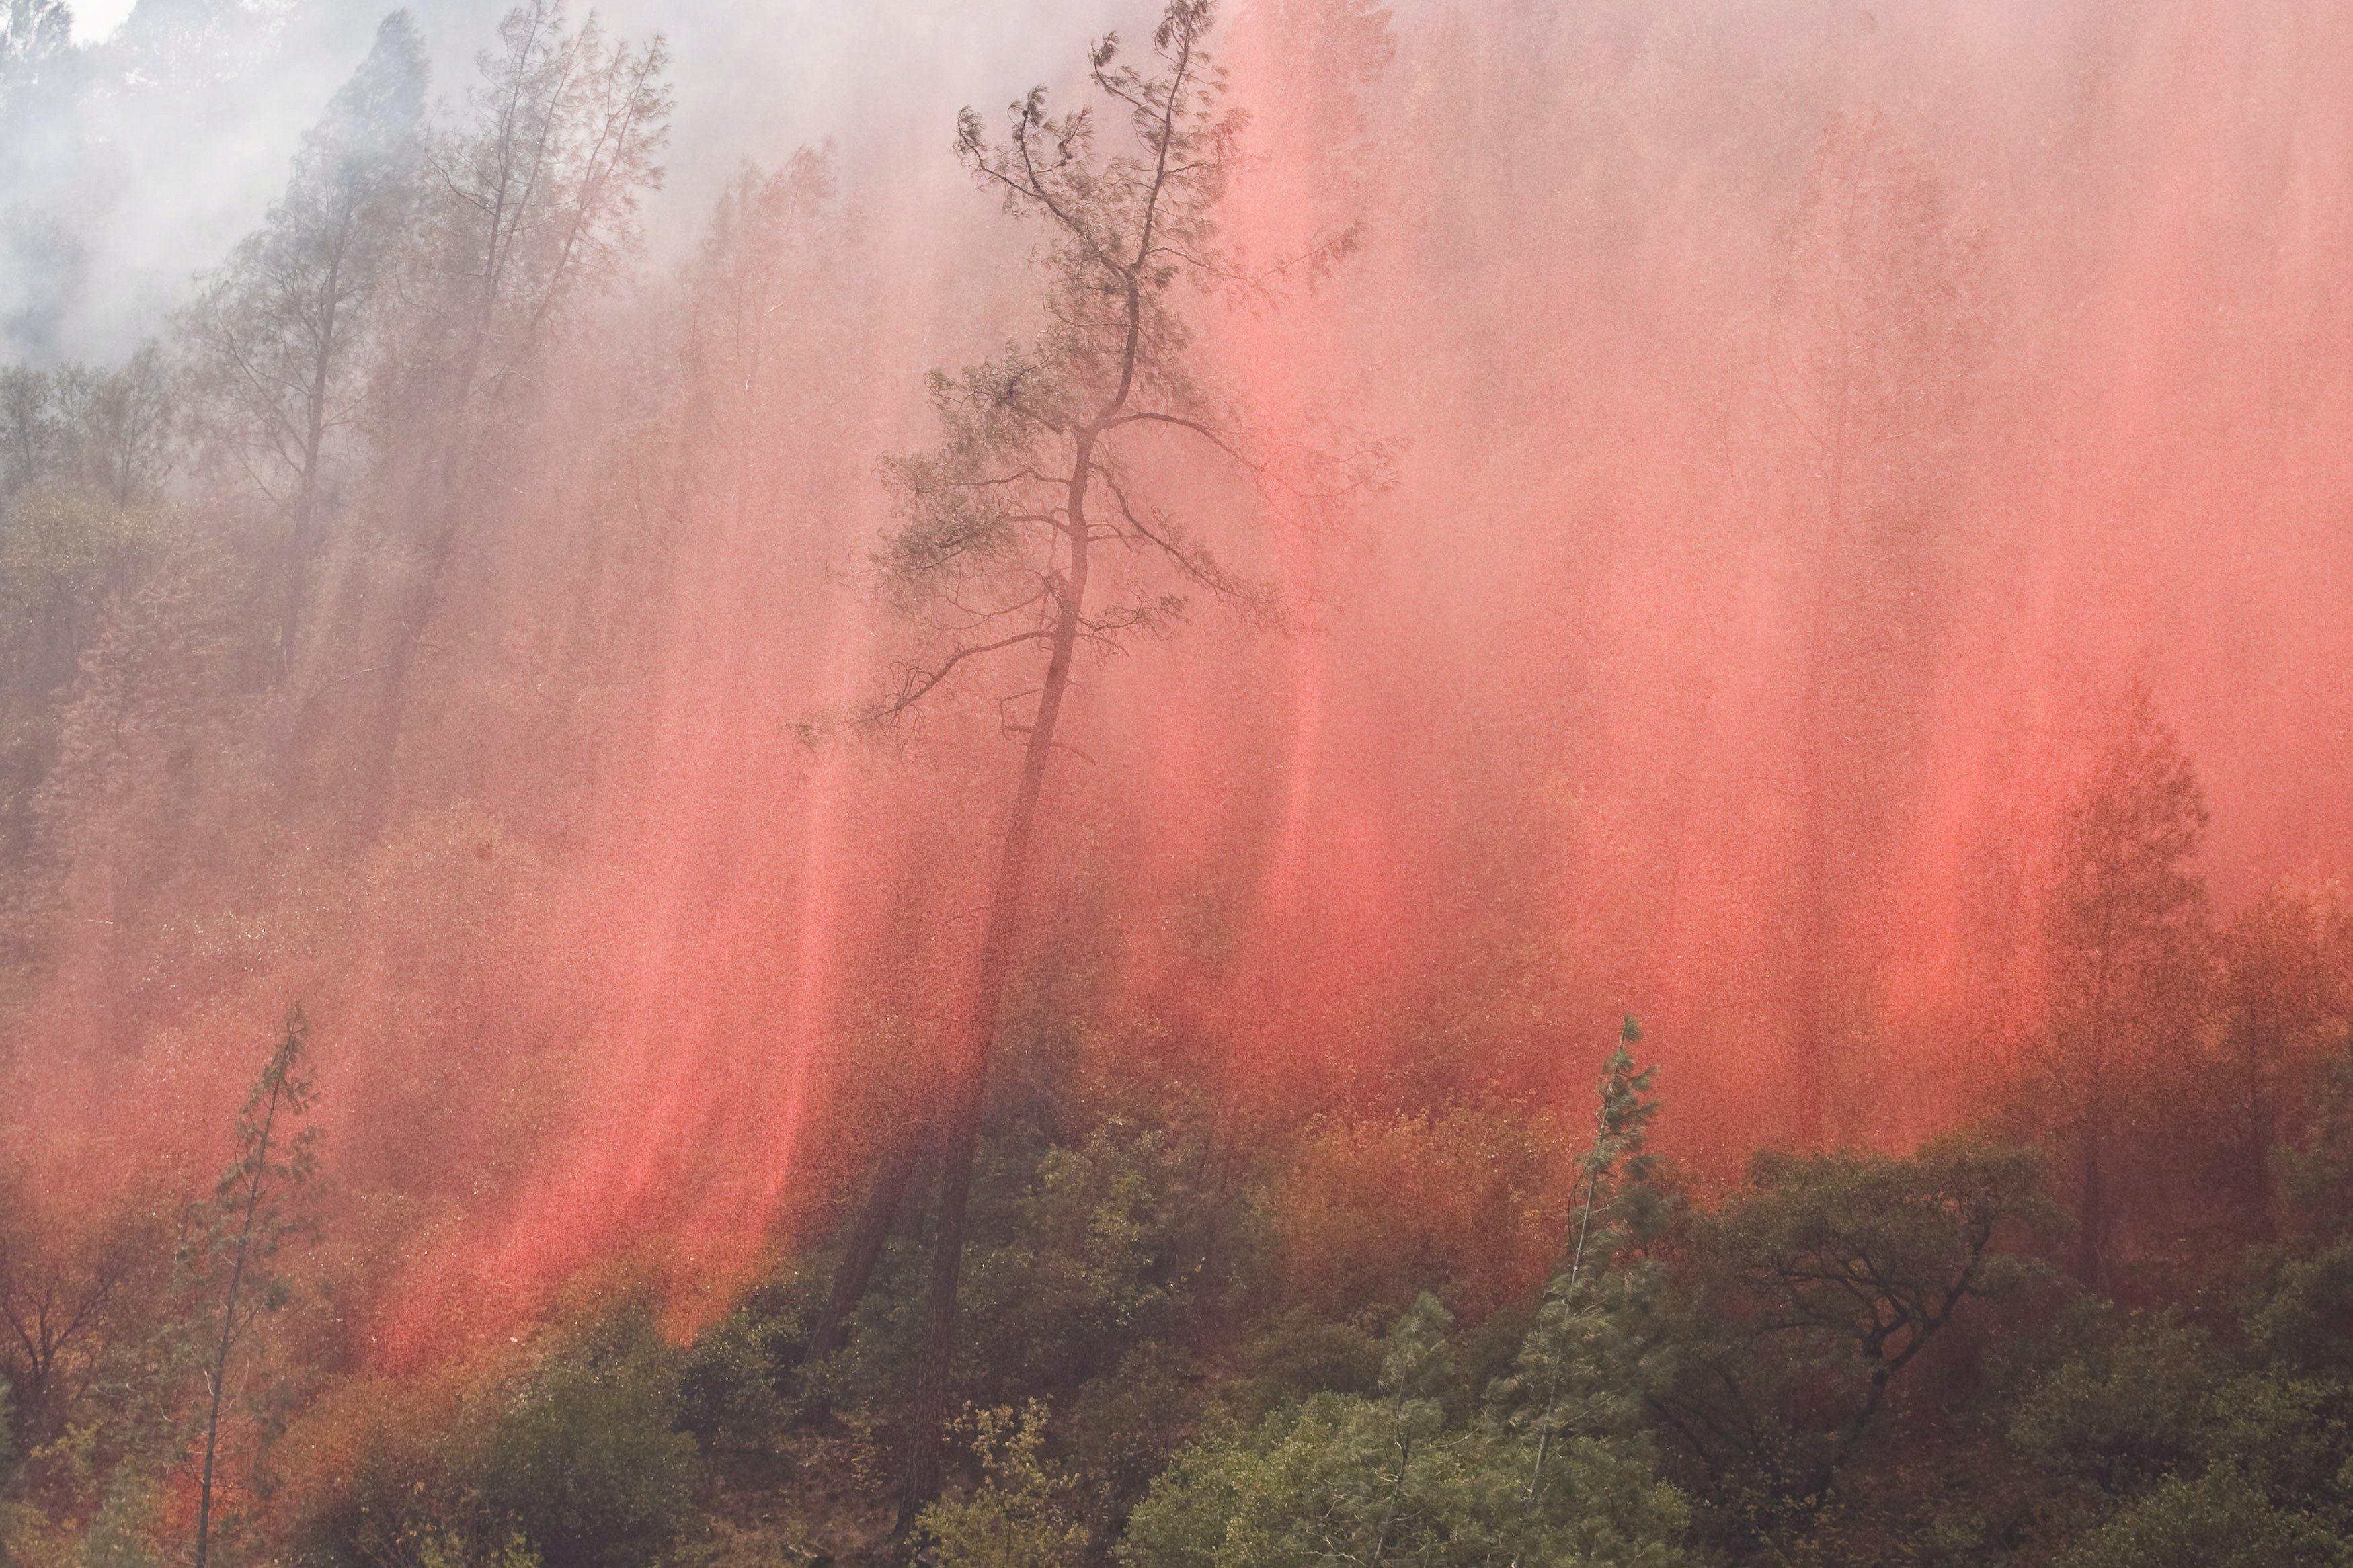 Un incendio en California amenaza el suministro de agua de San Francisco